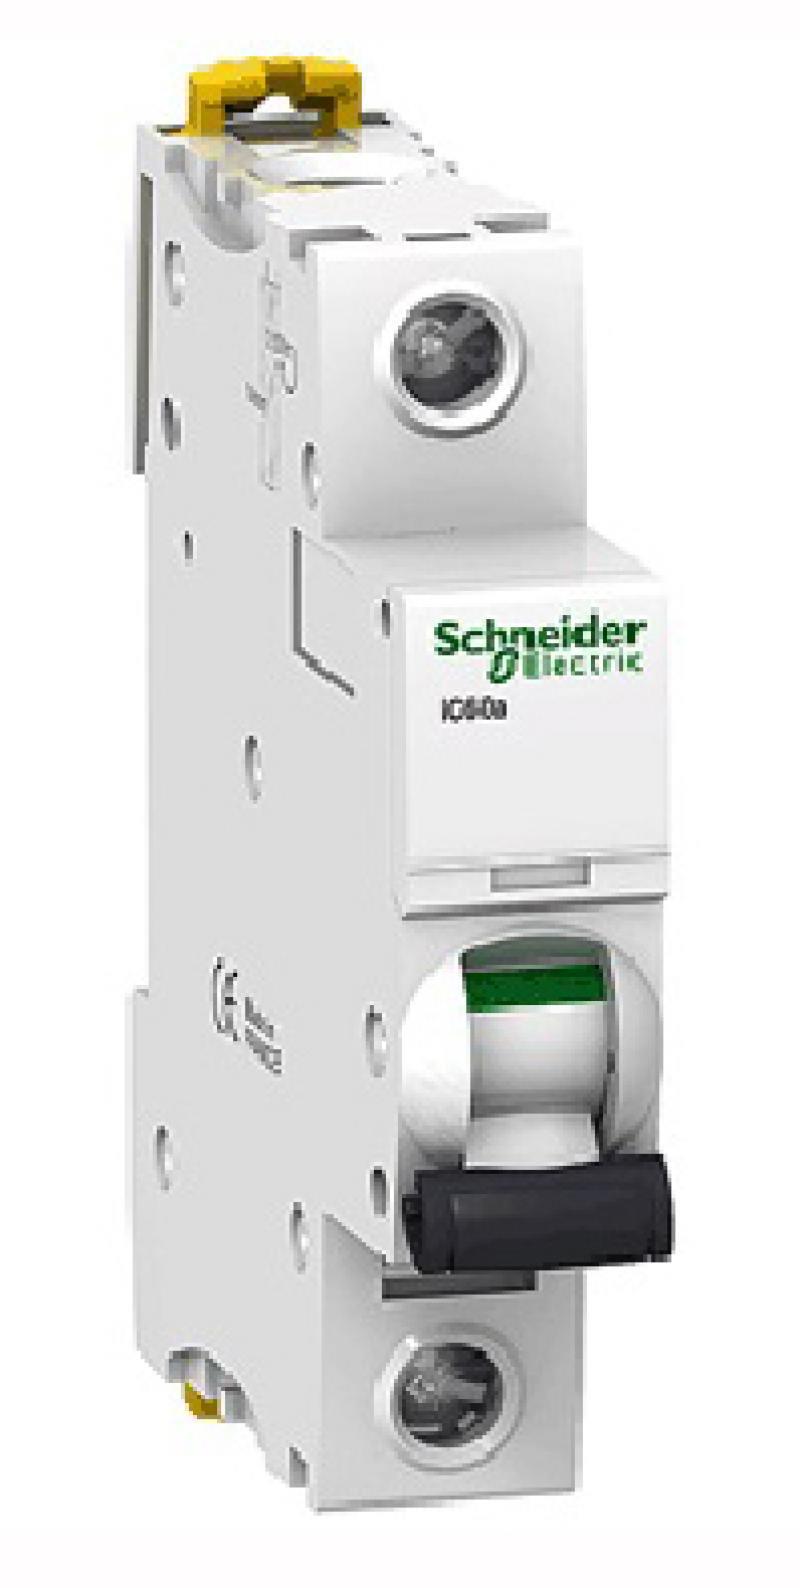 Автоматический выключатель Schneider Electric iC60N 1П 16A C A9F79116 клещи обжимные nikomax 3 гнезда торцевой для rj45 8p8c rj12 6p6c rj11 6p4c 4p4c 4p2c dec 6p6c